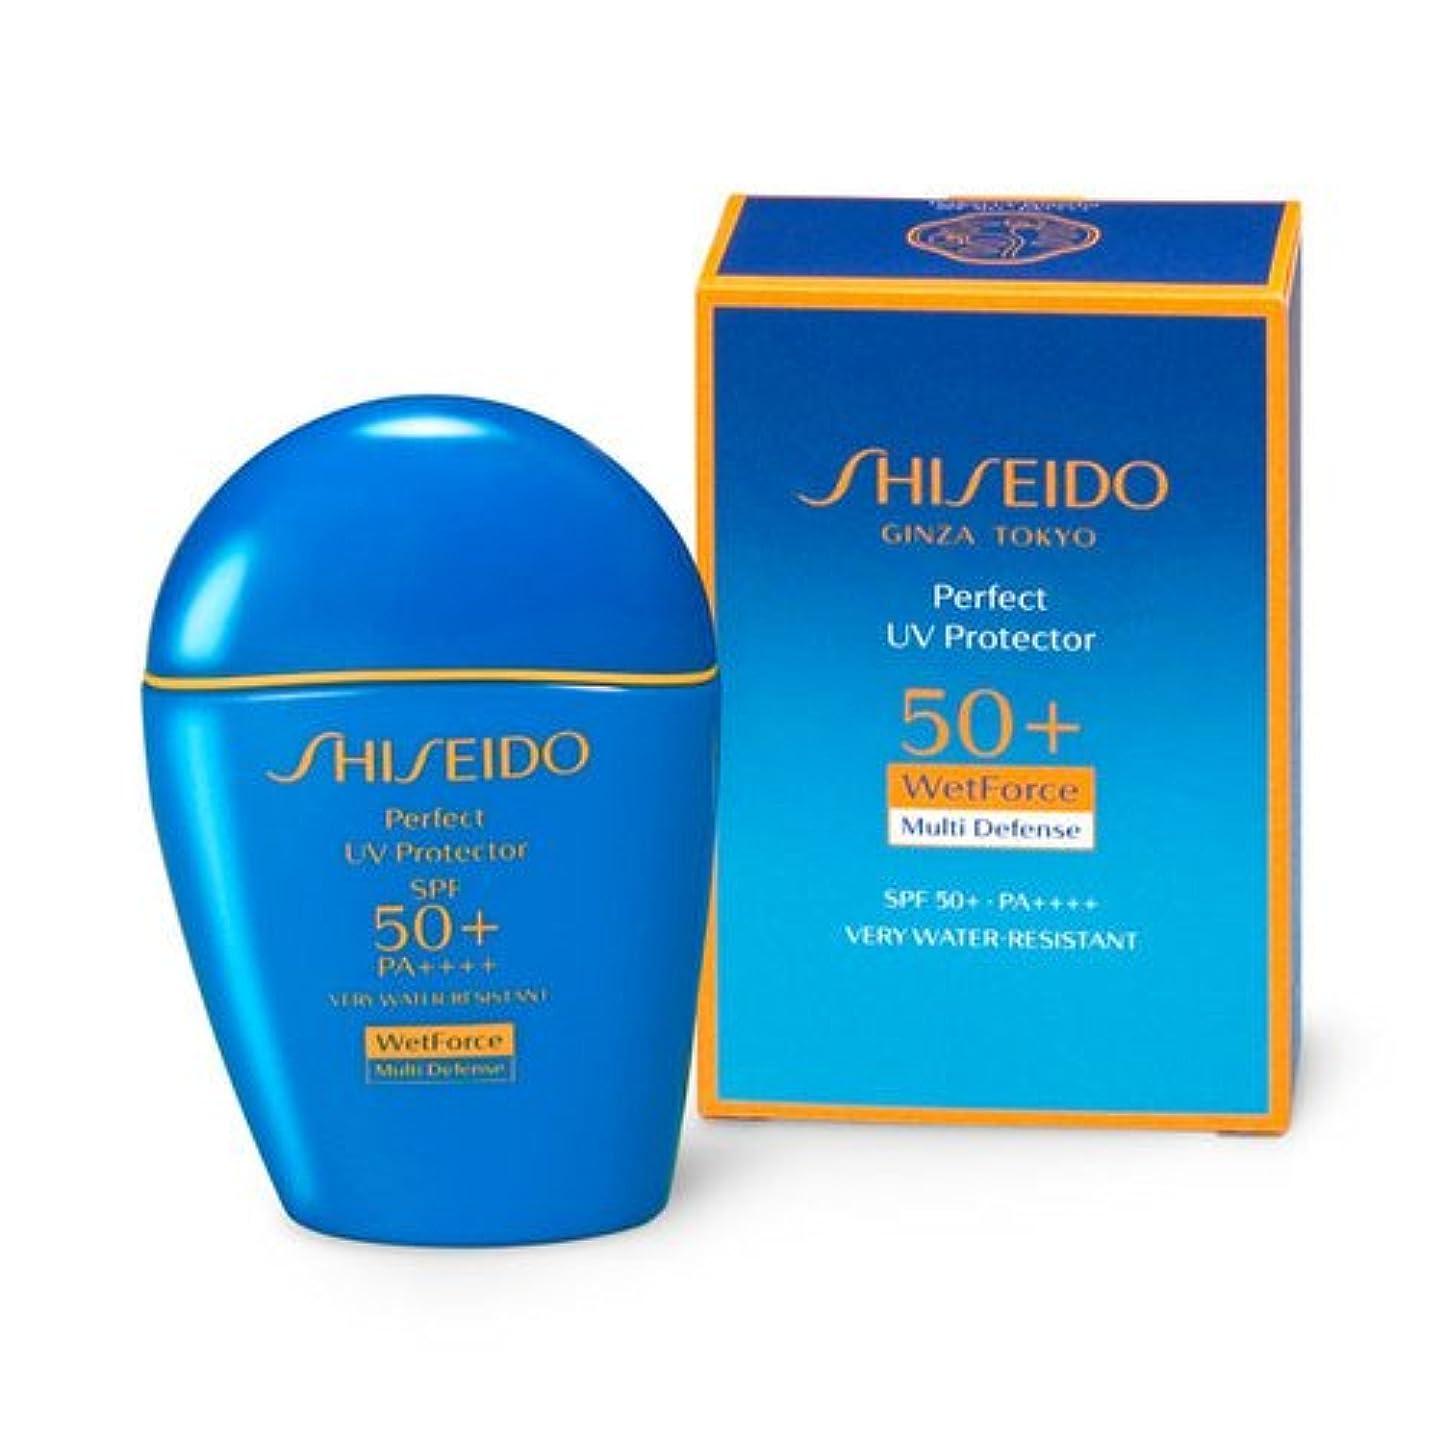 抜け目のない遅い利用可能SHISEIDO Suncare(資生堂 サンケア) SHISEIDO(資生堂) パーフェクト UVプロテクター 50mL